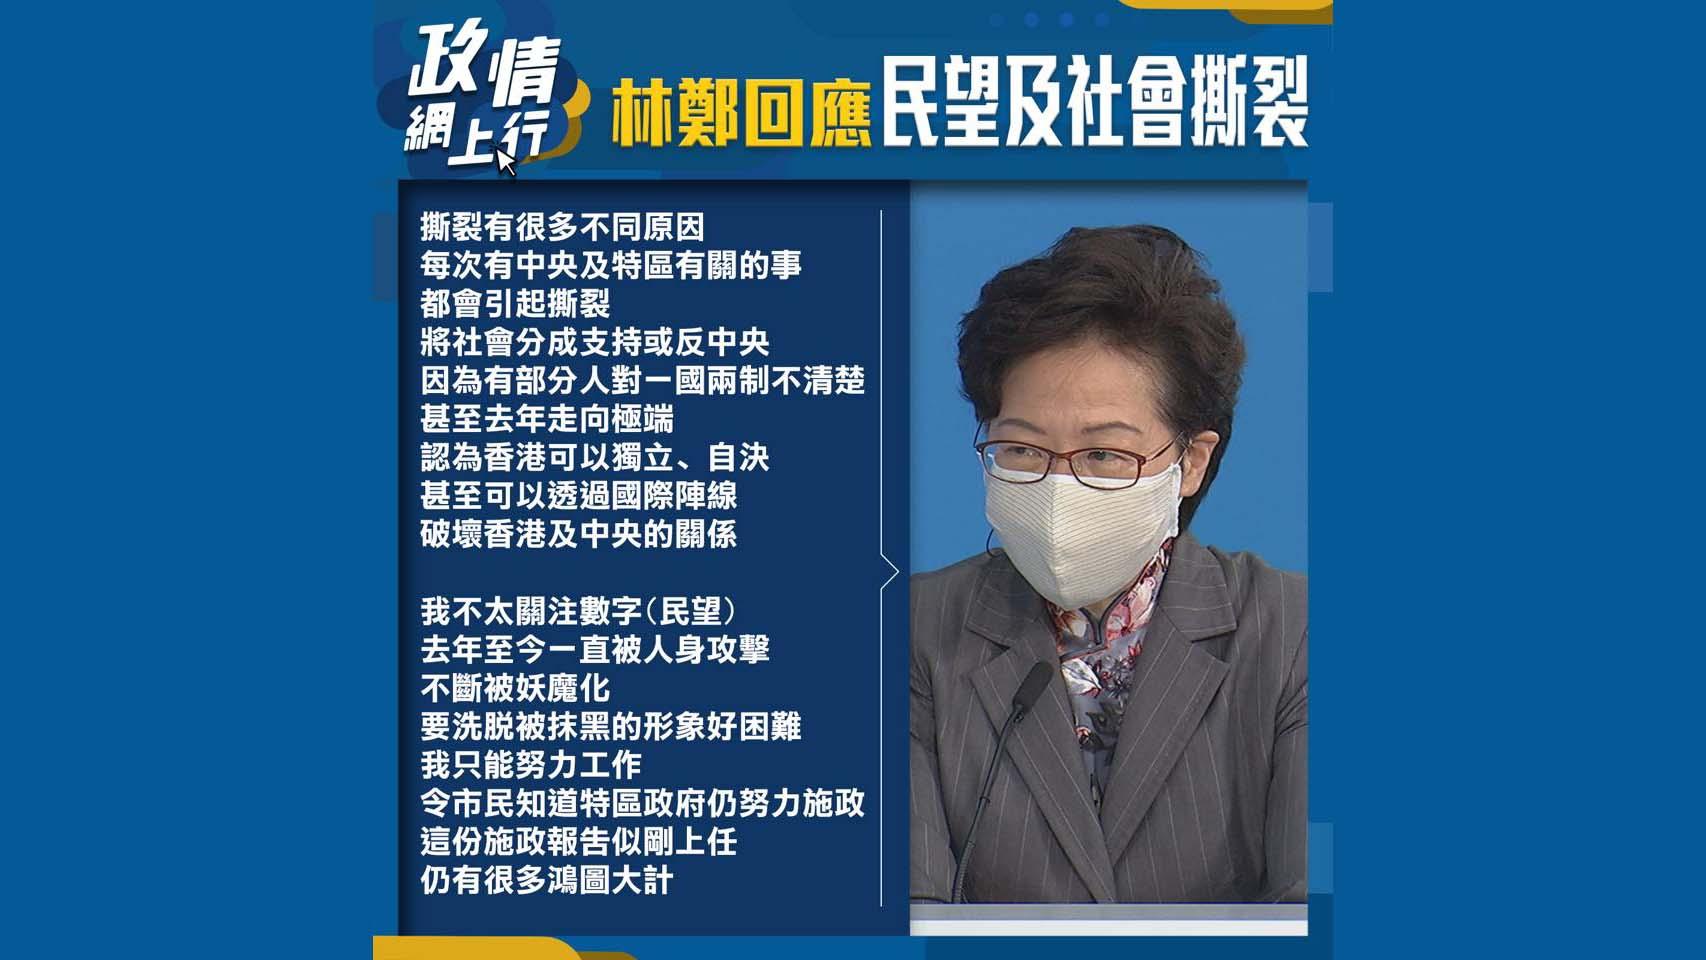 【政情網上行】林鄭回應民望及社會撕裂